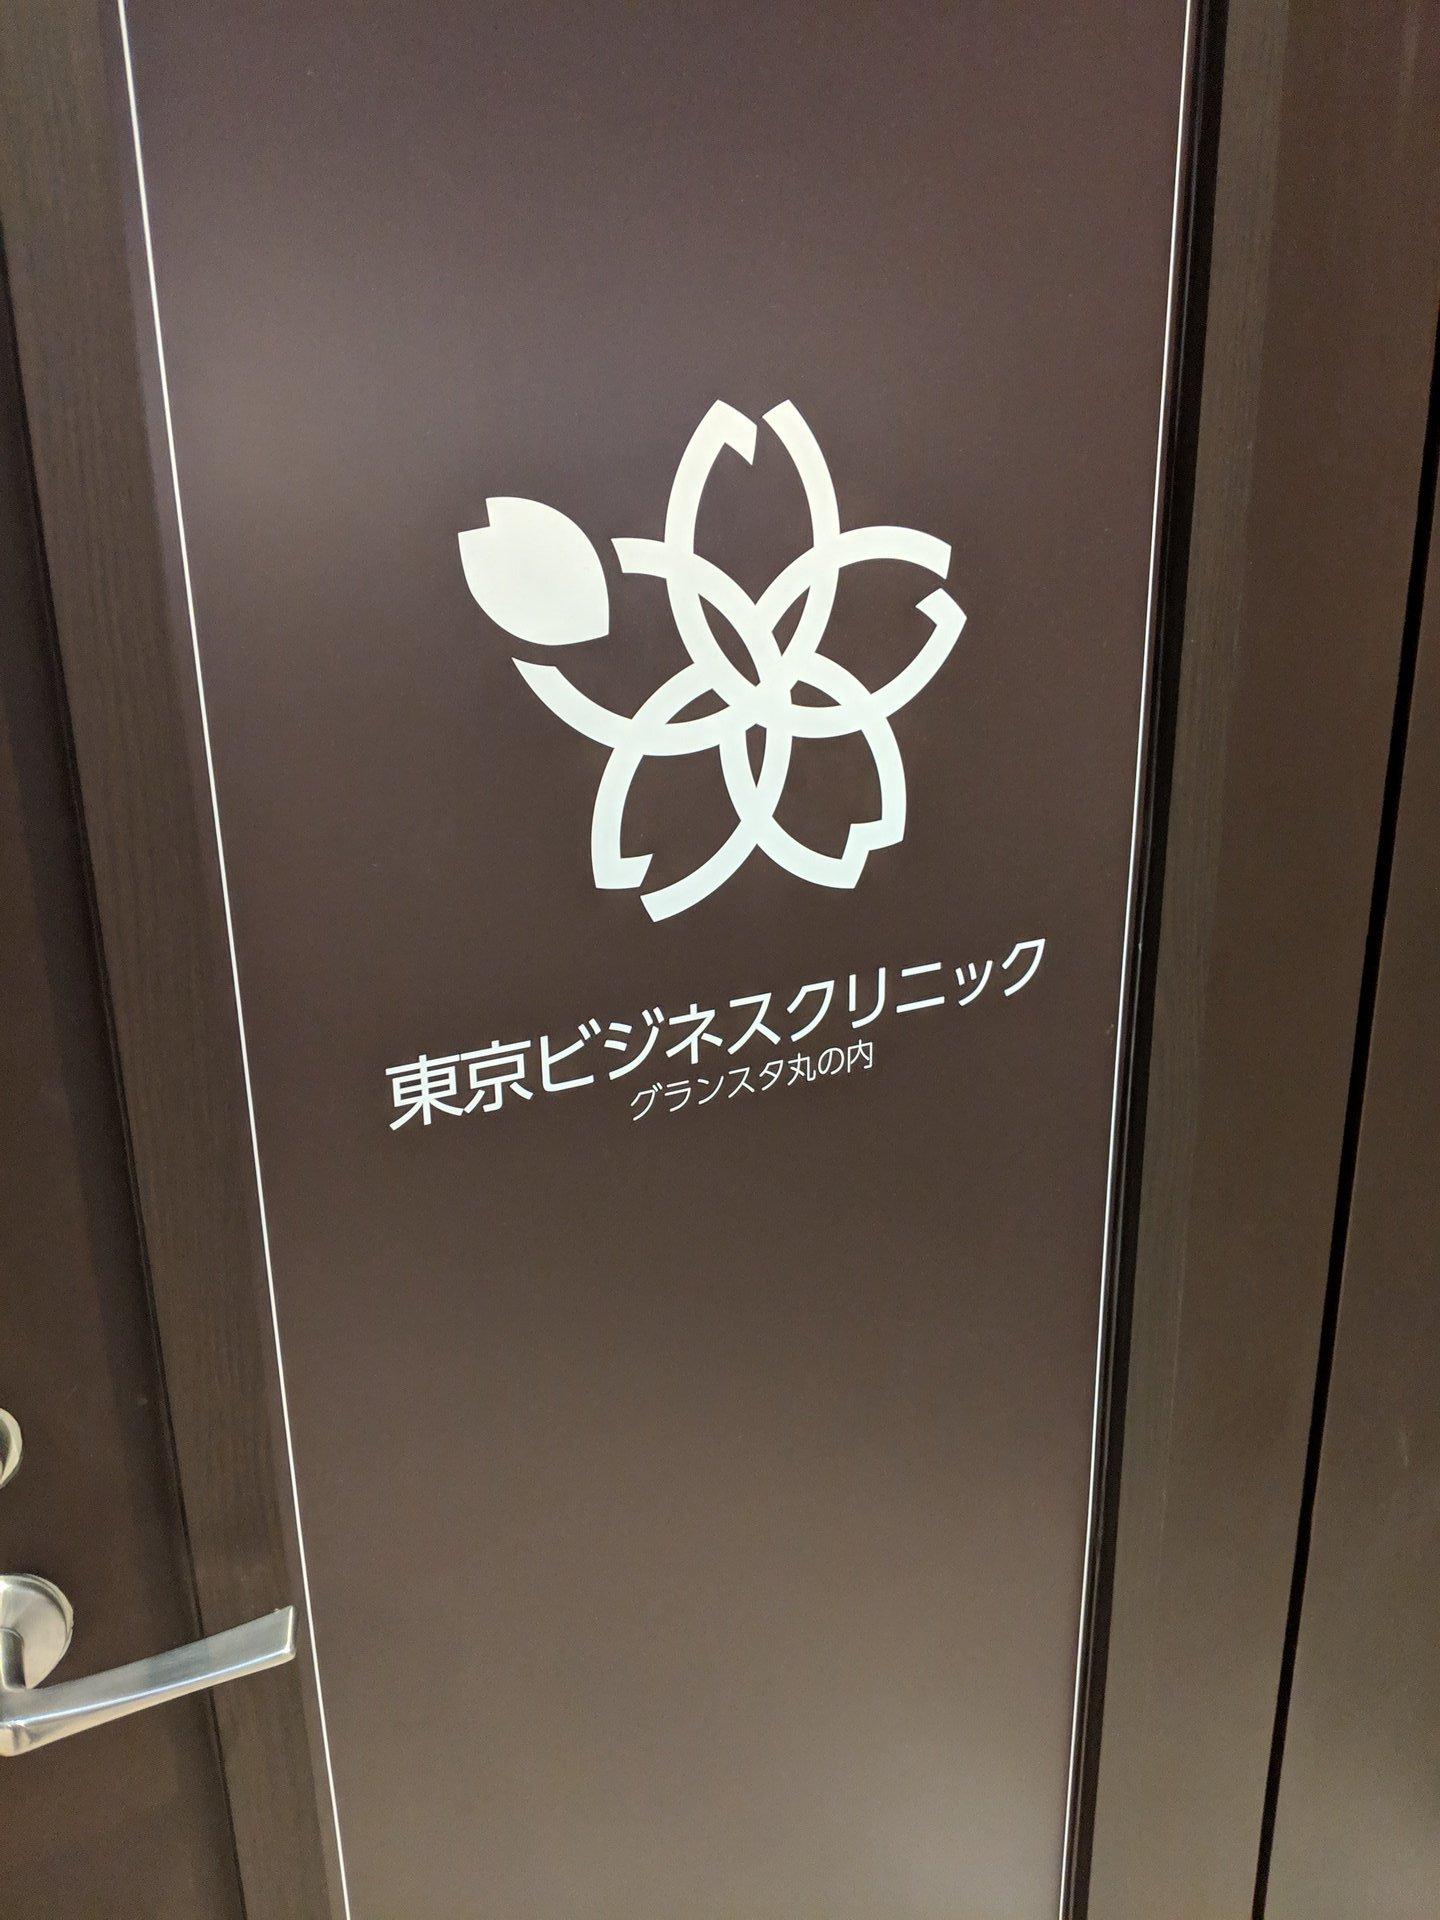 インフルエンザだけではなかった!!他の予防接種も予約なしで受けられる東京ビジネスクリニック!!